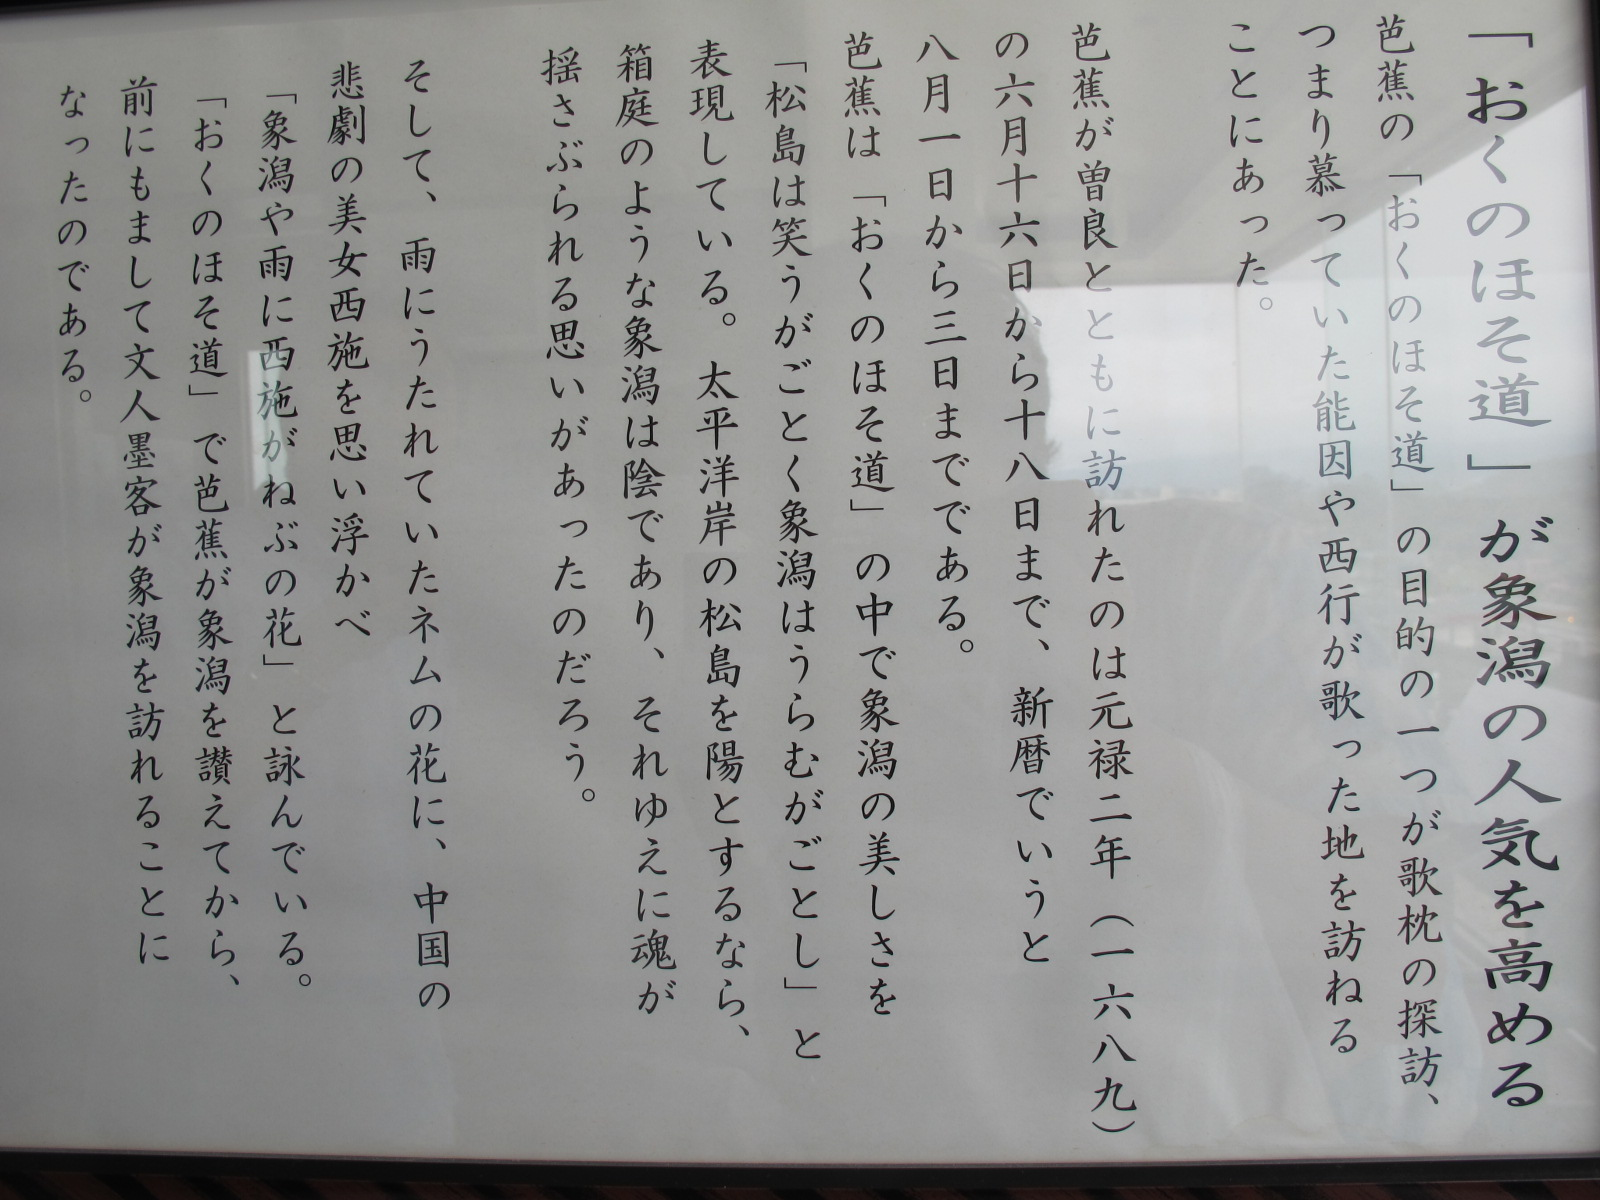 象潟・吹浦海岸を観光・13_c0075701_20472282.jpg